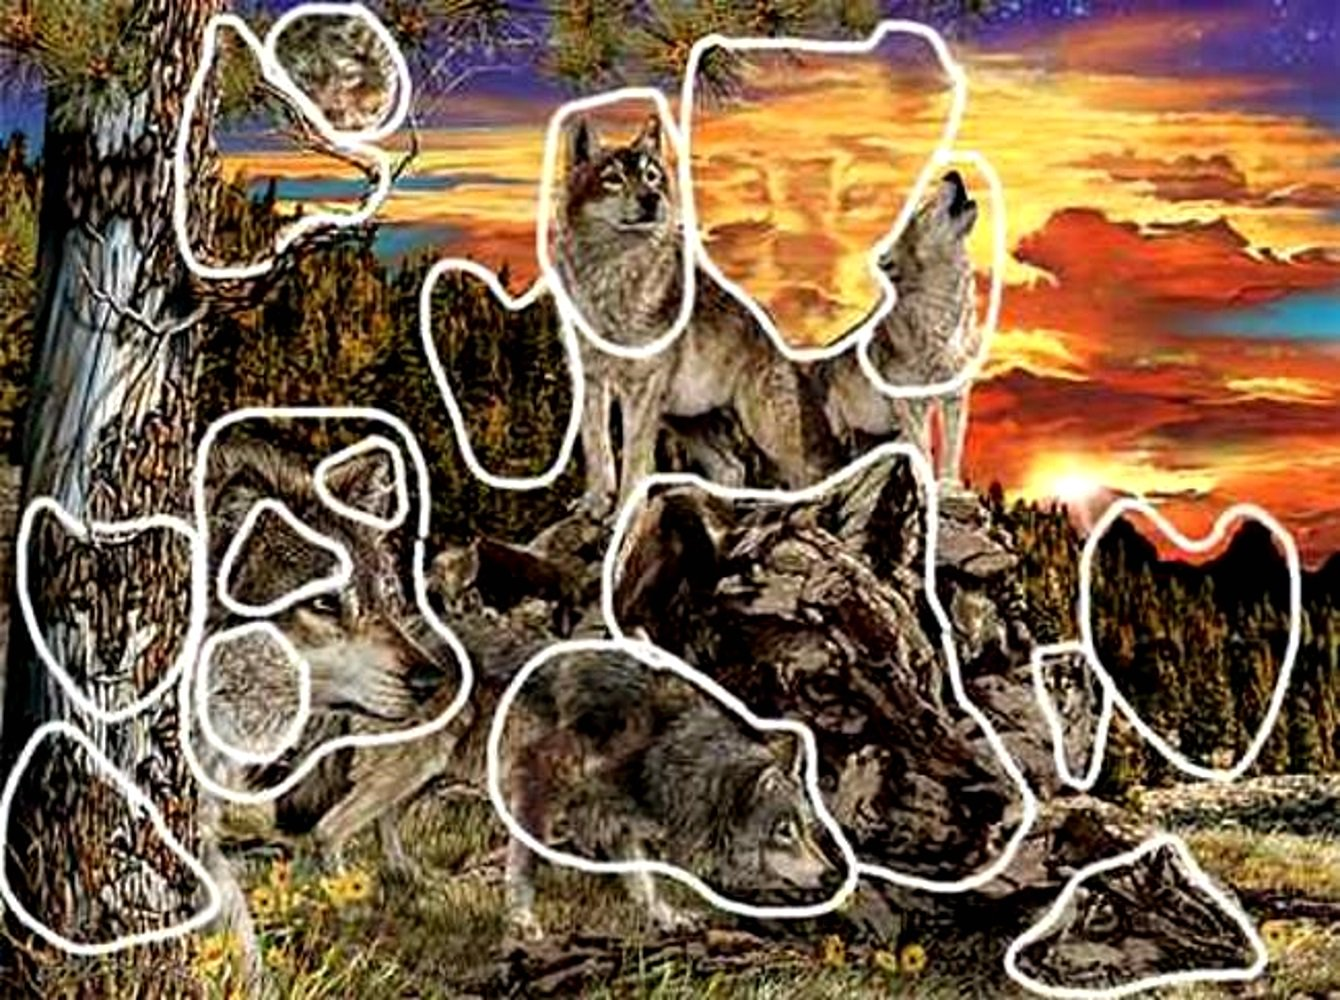 сколько животных на картинке фото высотка